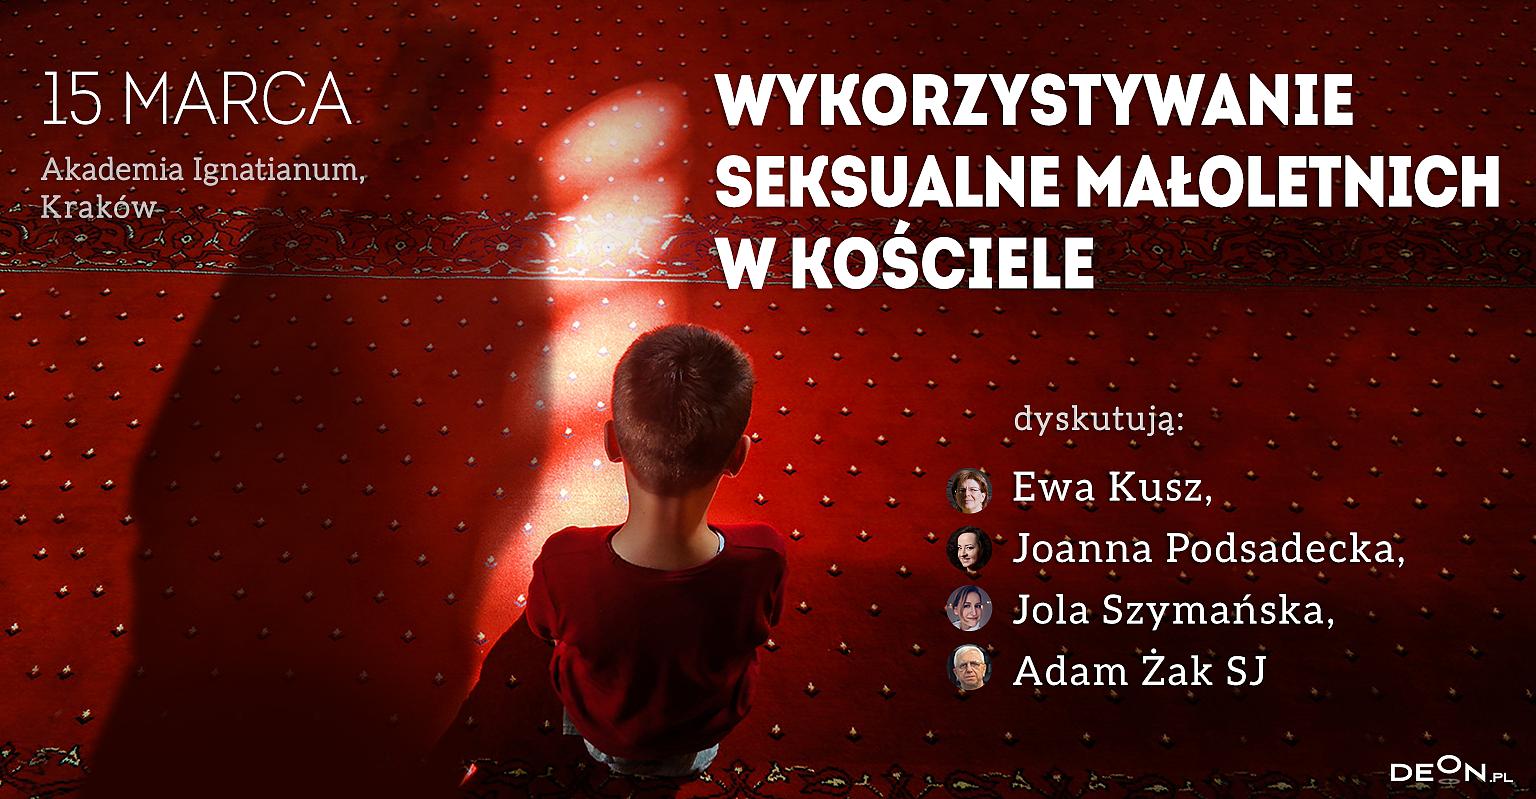 Dziś w całej Polsce nabożeństwa pokutne za grzechy wykorzystywania seksualnego. Rozważania do nich napisali dwaj jezuici - zdjęcie w treści artykułu